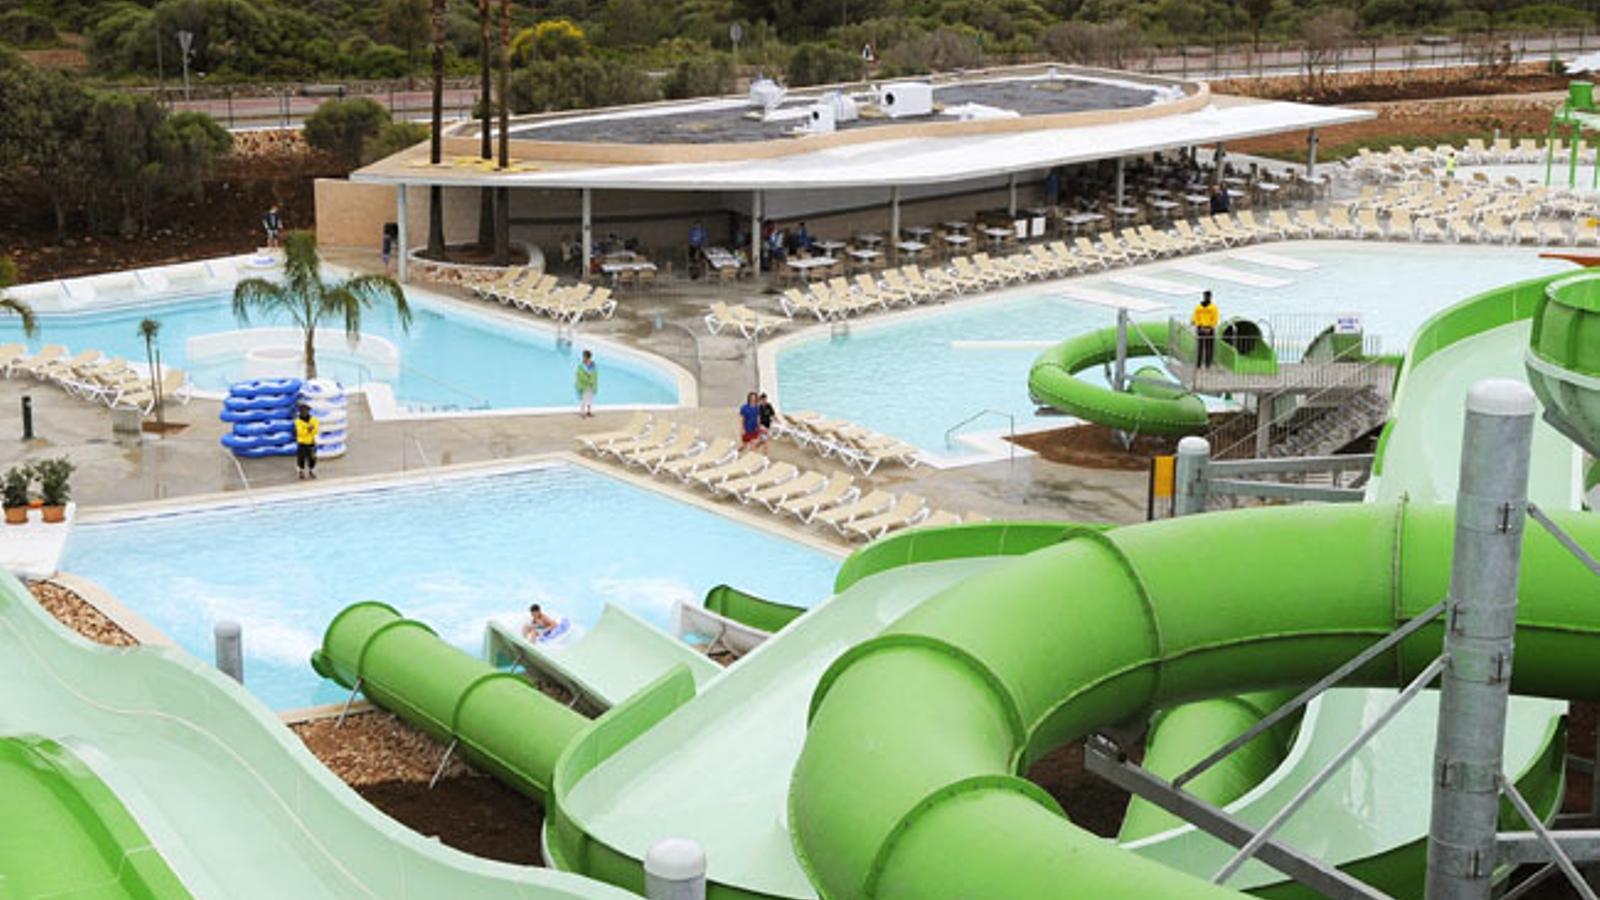 El Consell del PP va permetre construir el parc aquàtic damunt sòl rústic perquè desestacionalitzava la temporada.